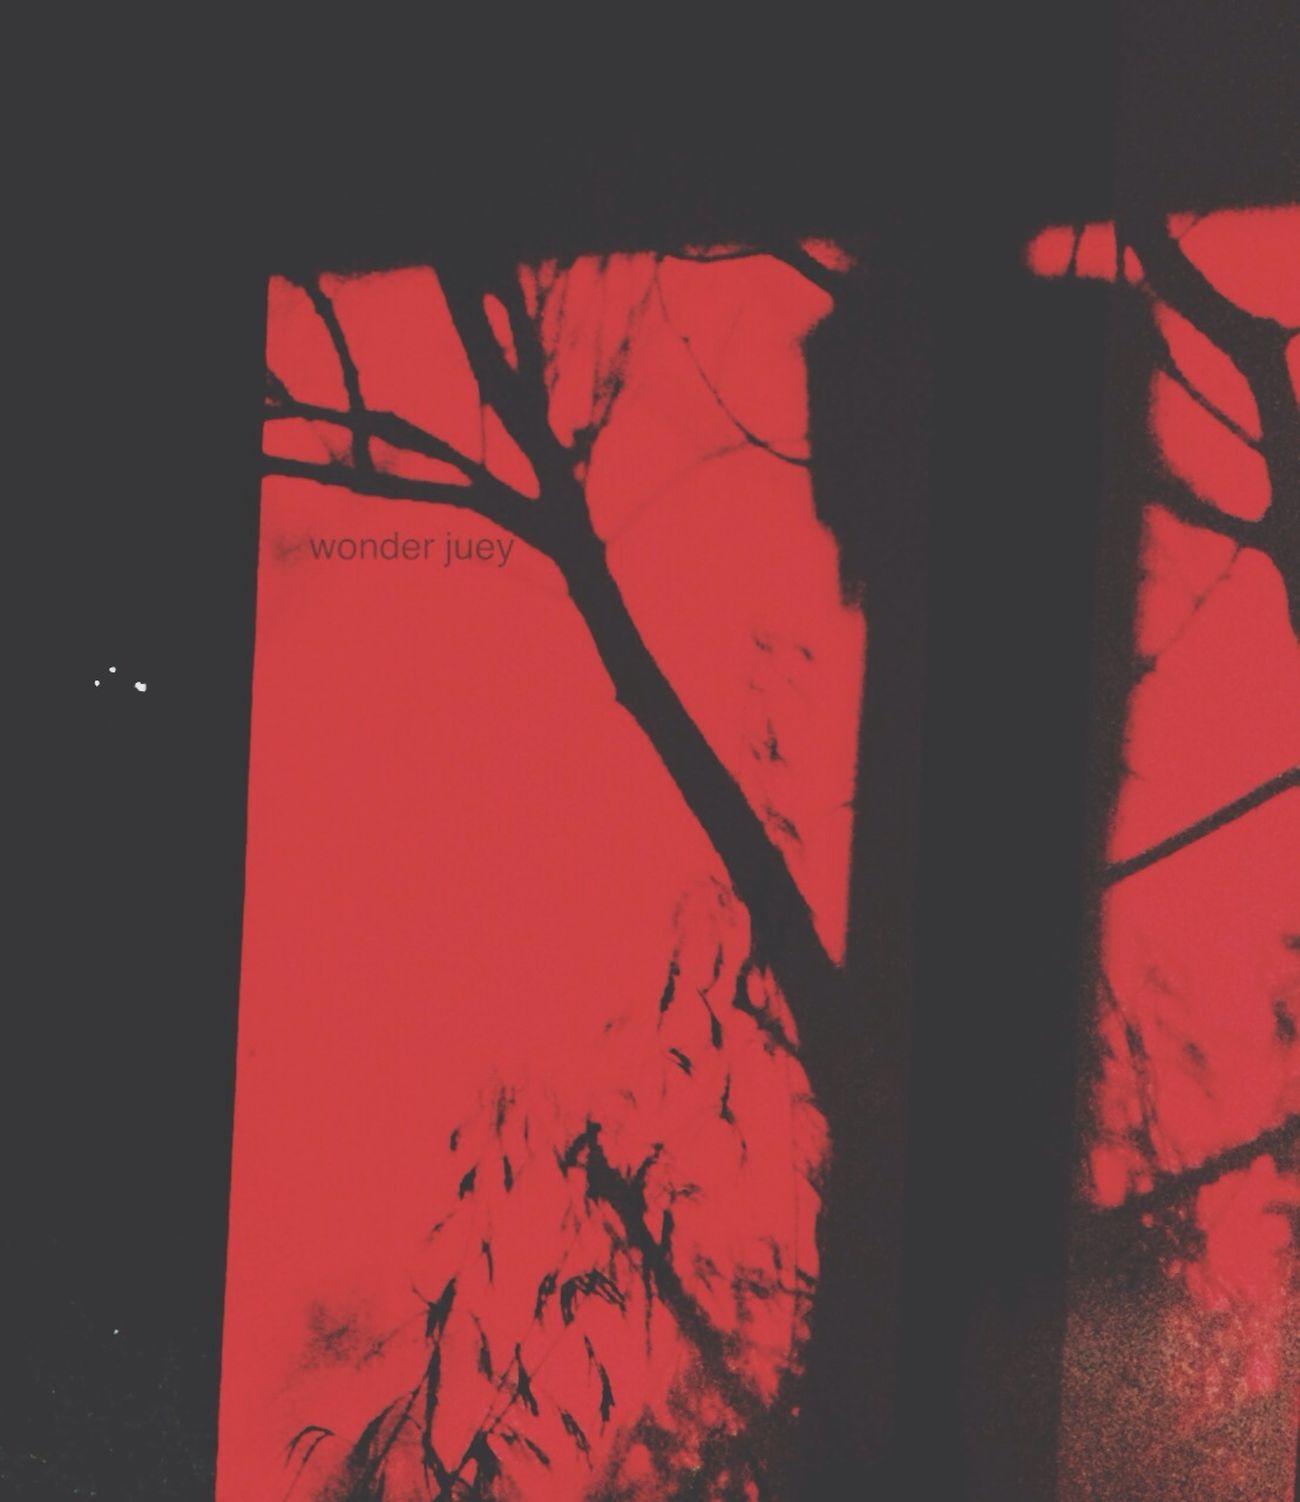 แสงสี ทำให้พี่เกิดภาพหลอน. ยังผวาห้องน้ำไม่หาย. Tree Red